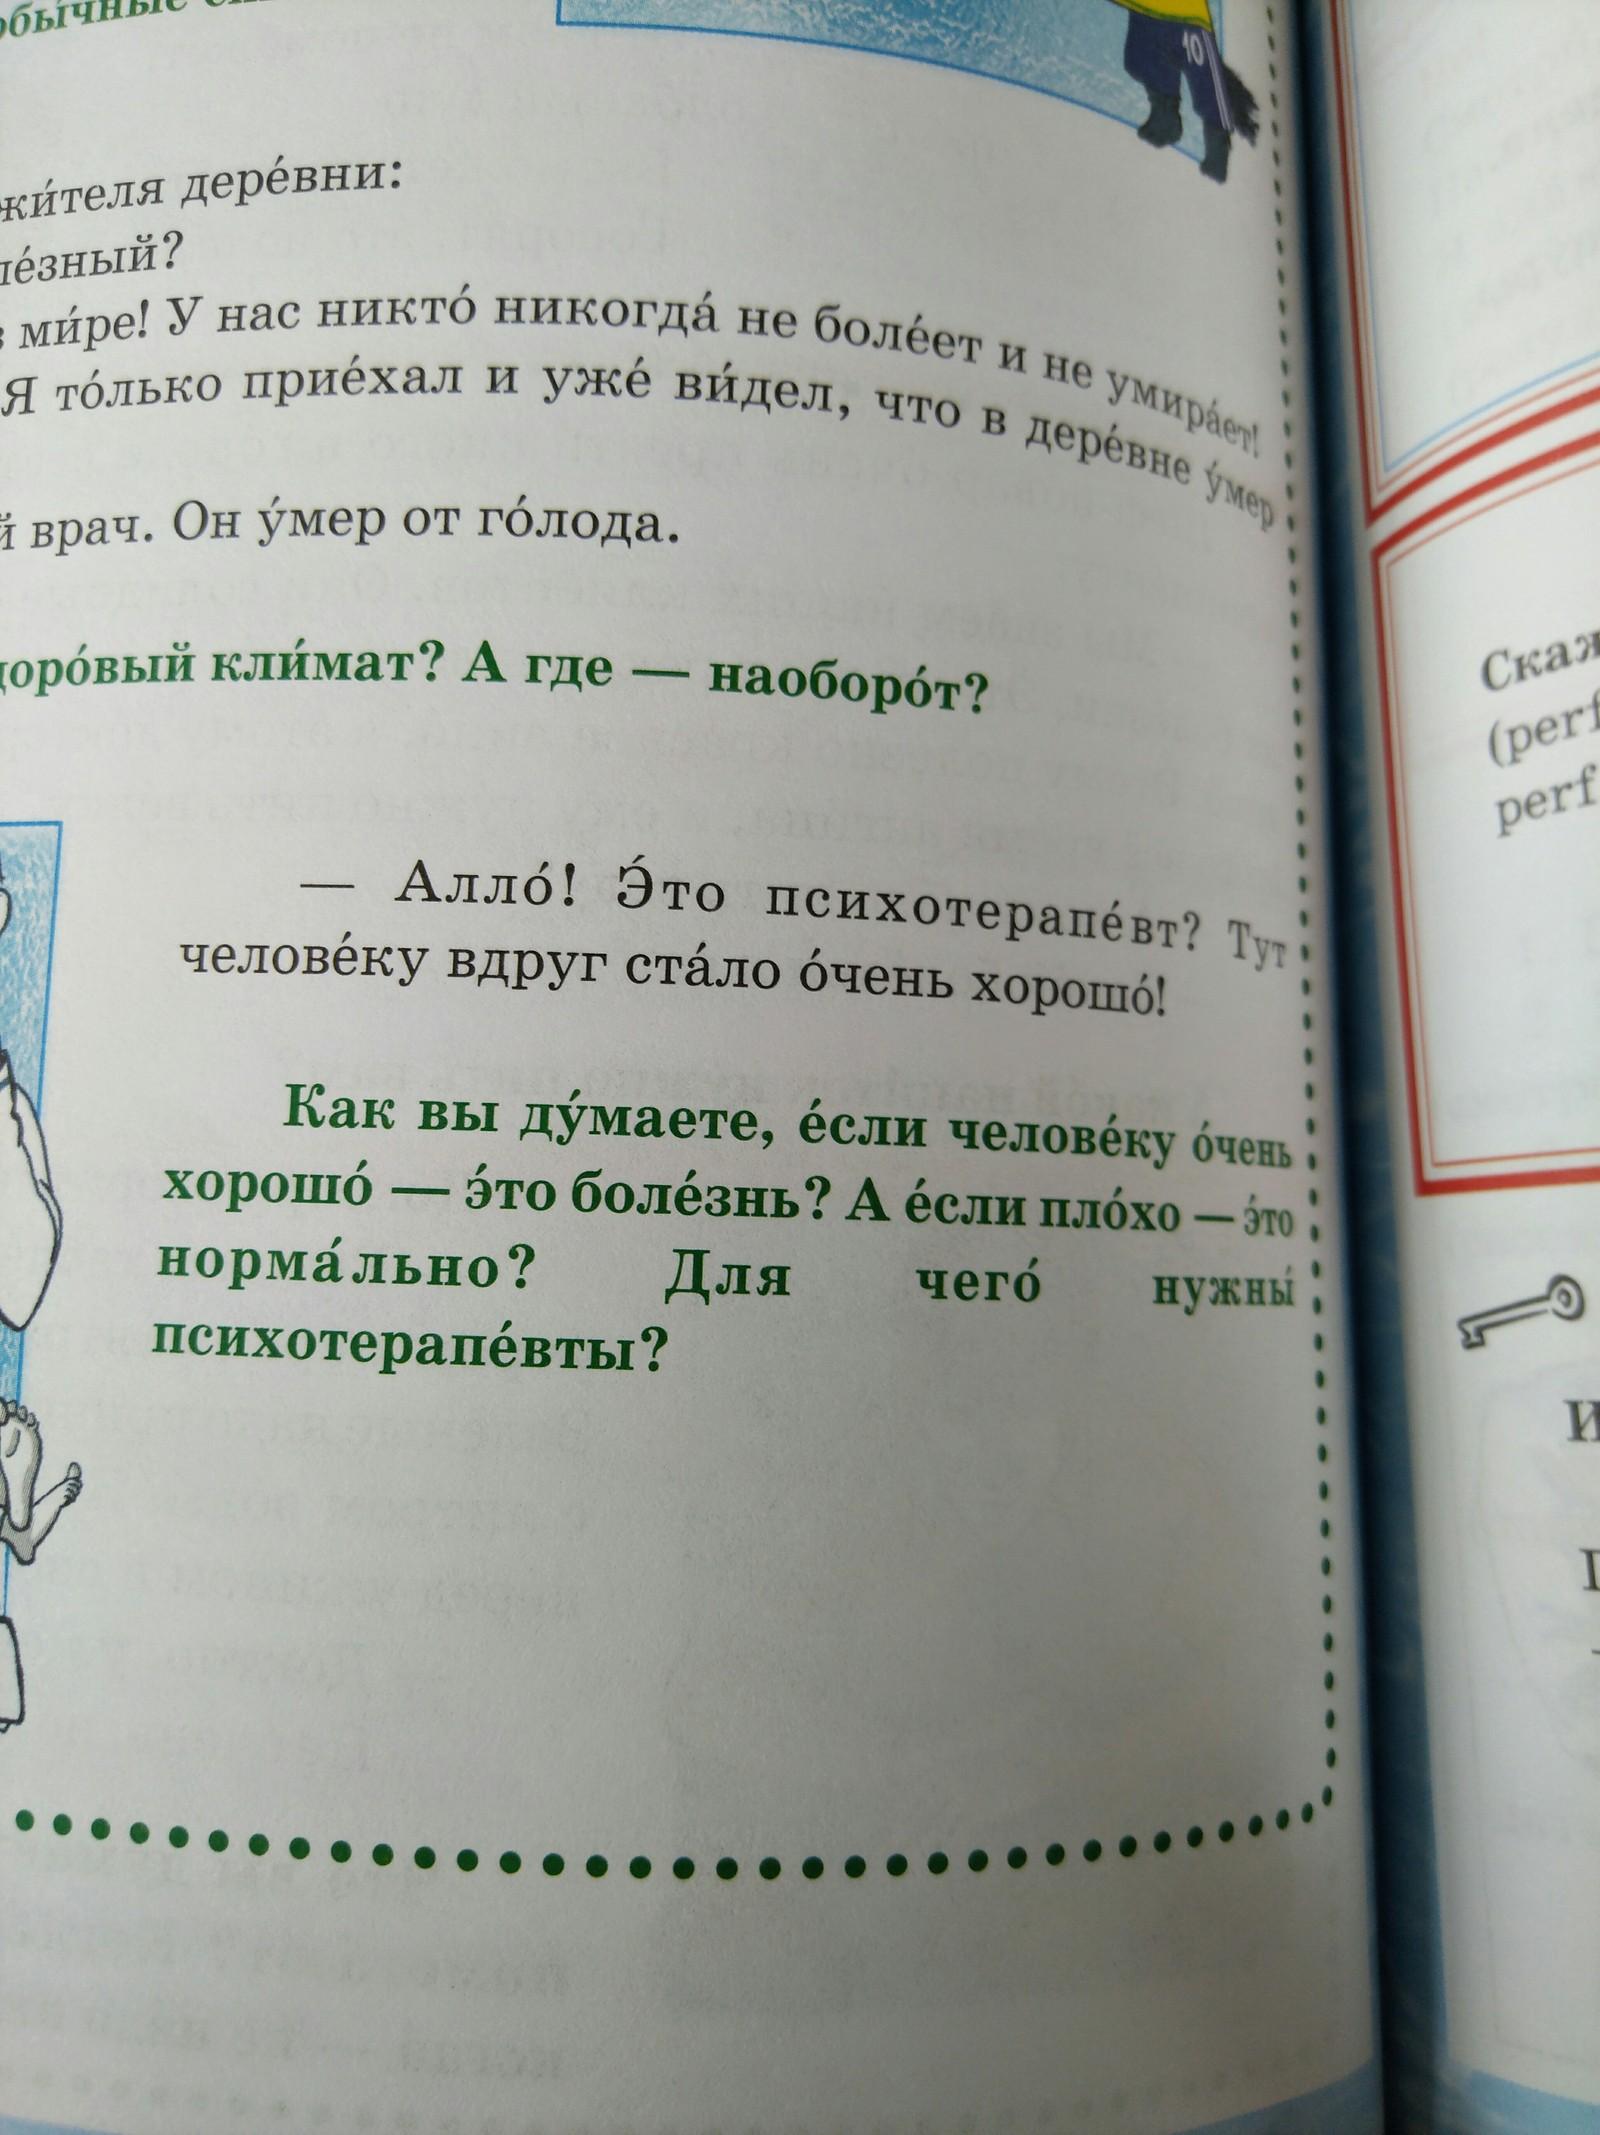 Деловой Русский Язык Для Иностранцев Учебник Скачать